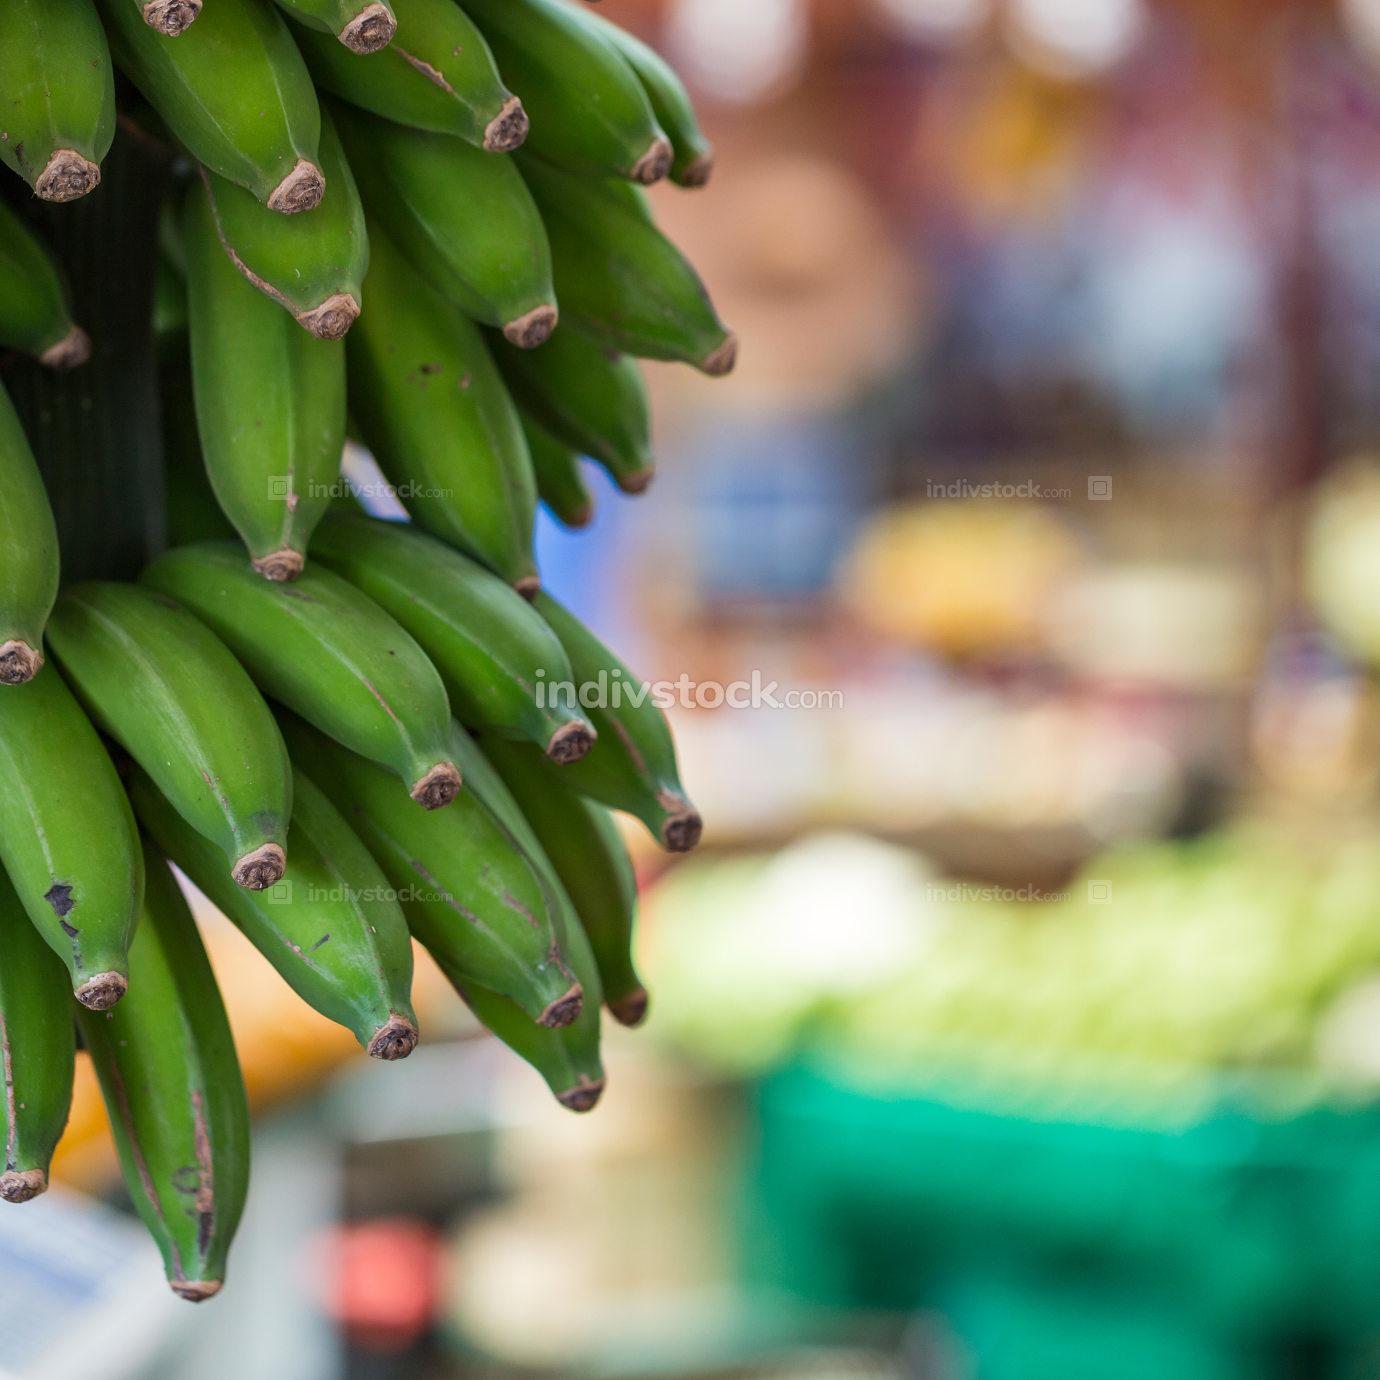 green banana, bananas, at market